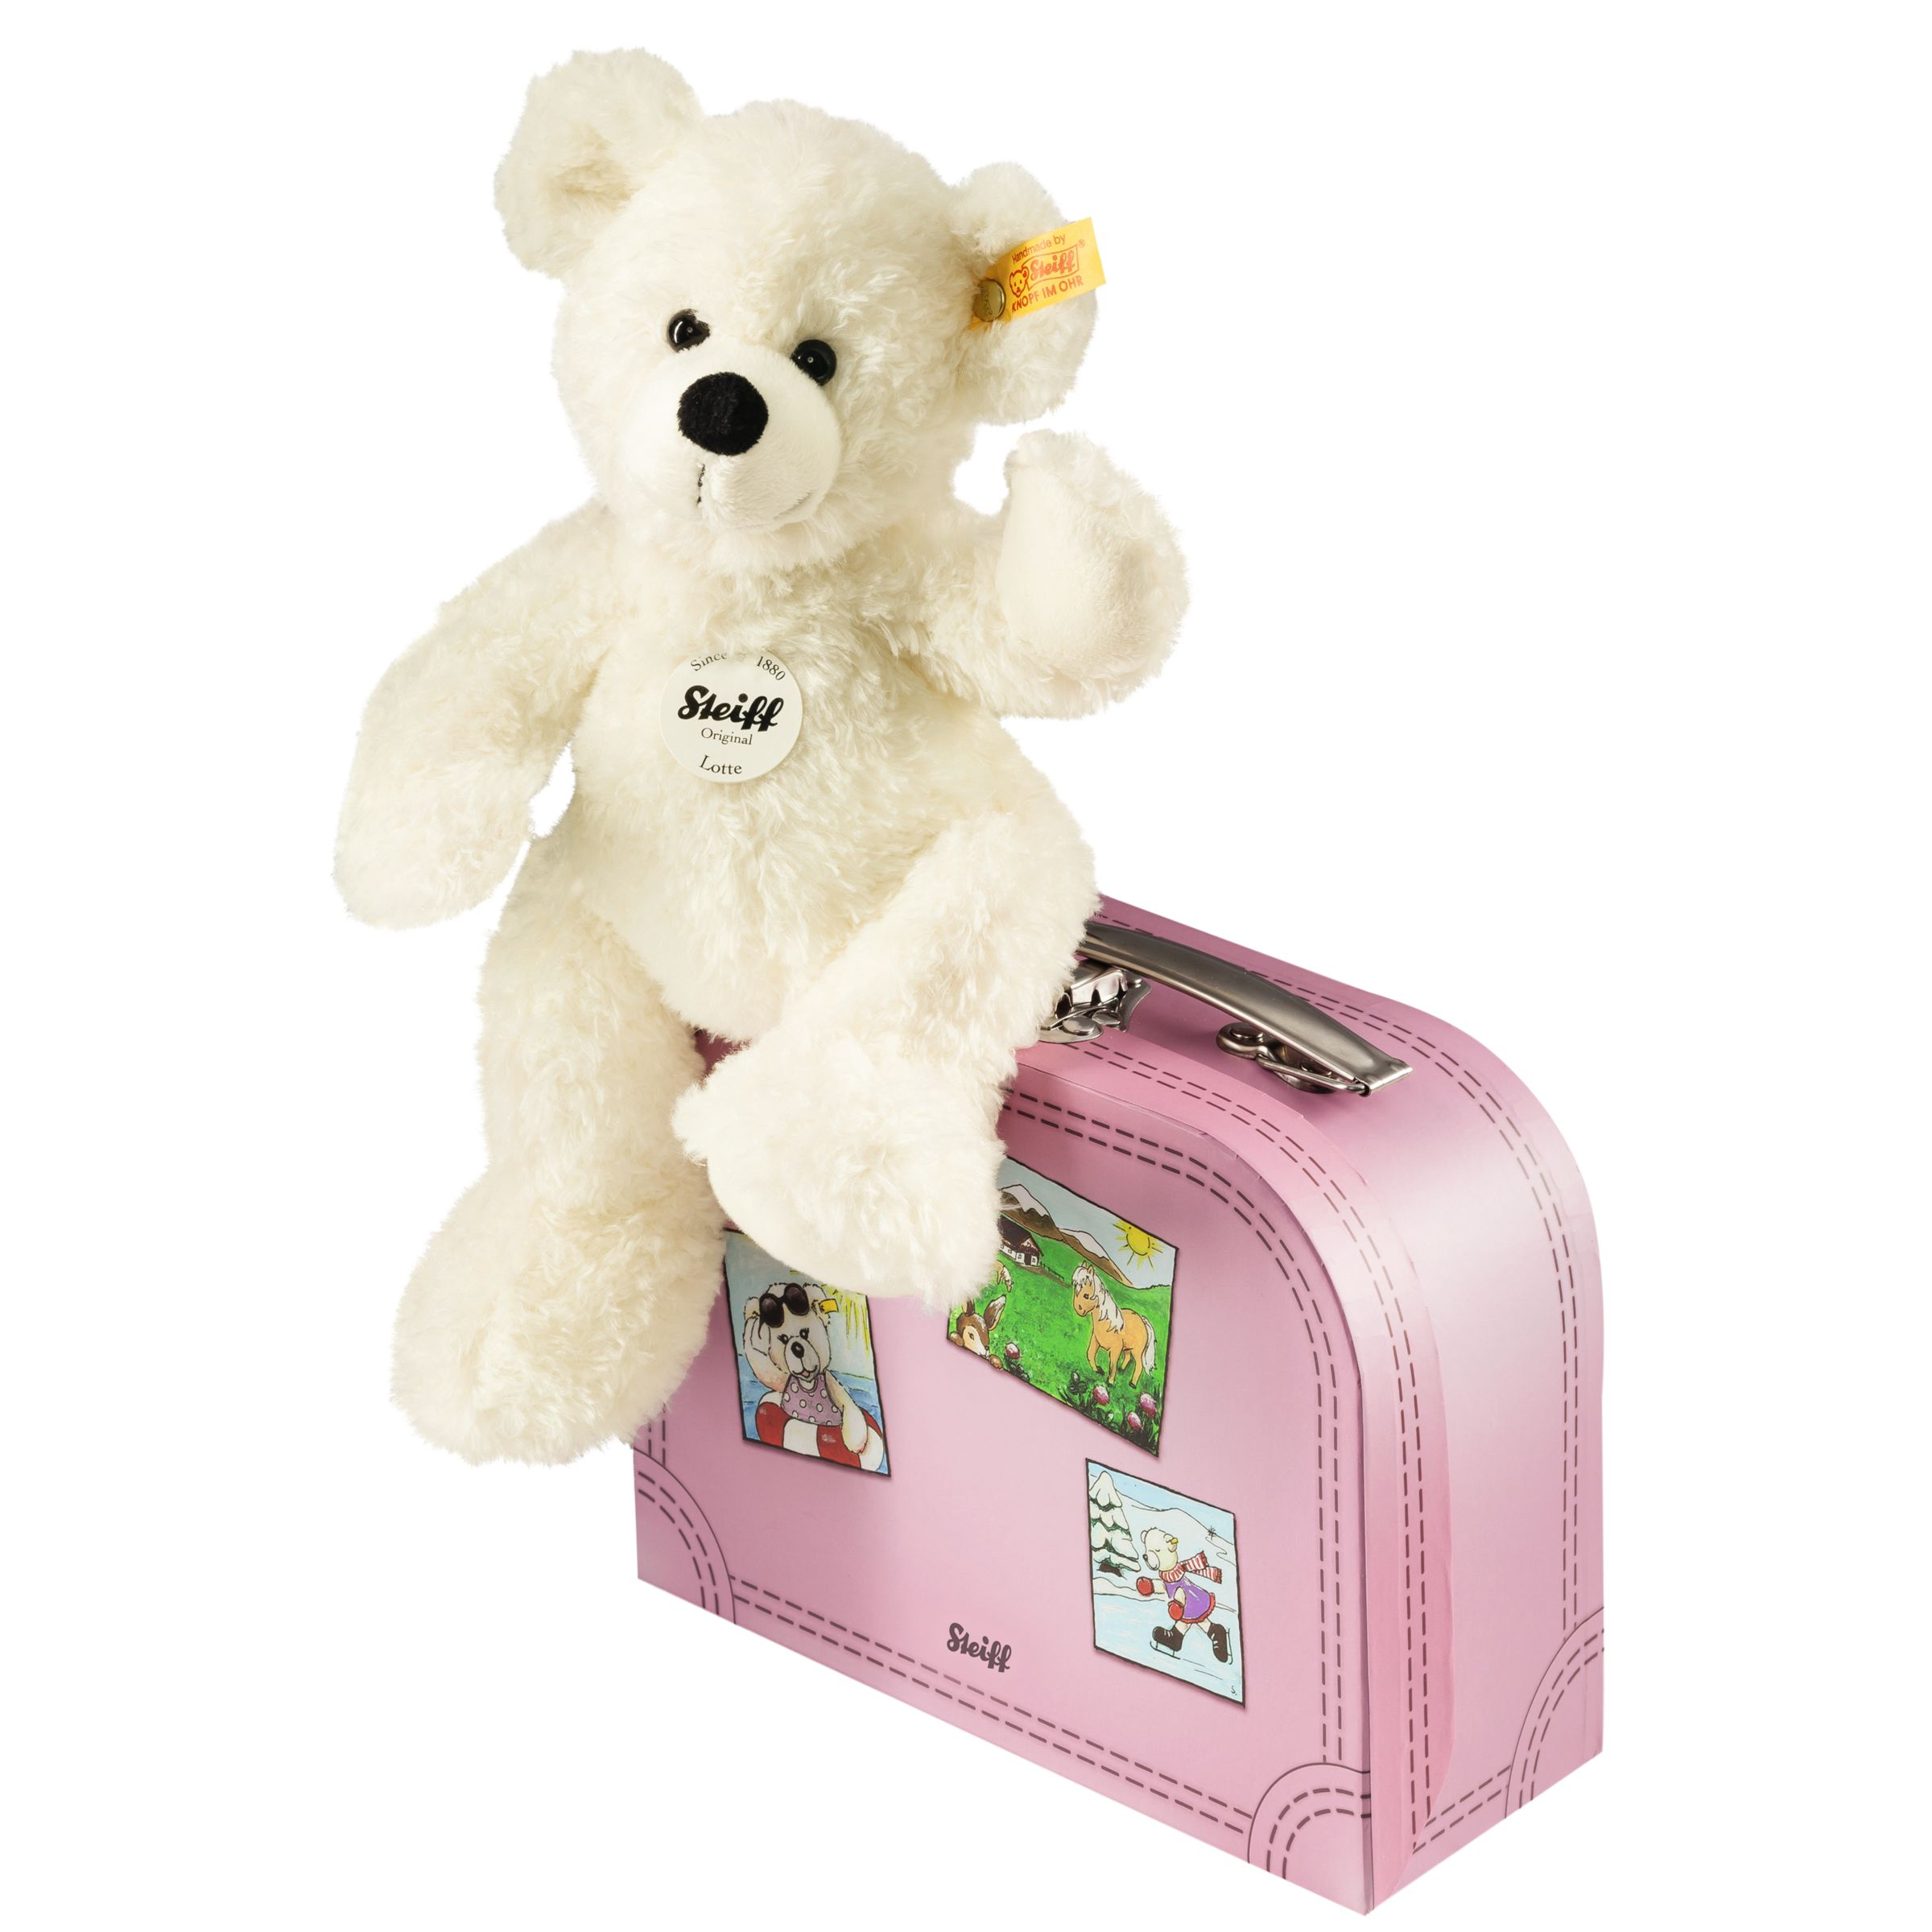 Steiff Steiff Lotte Teddy Bear in a Suitcase